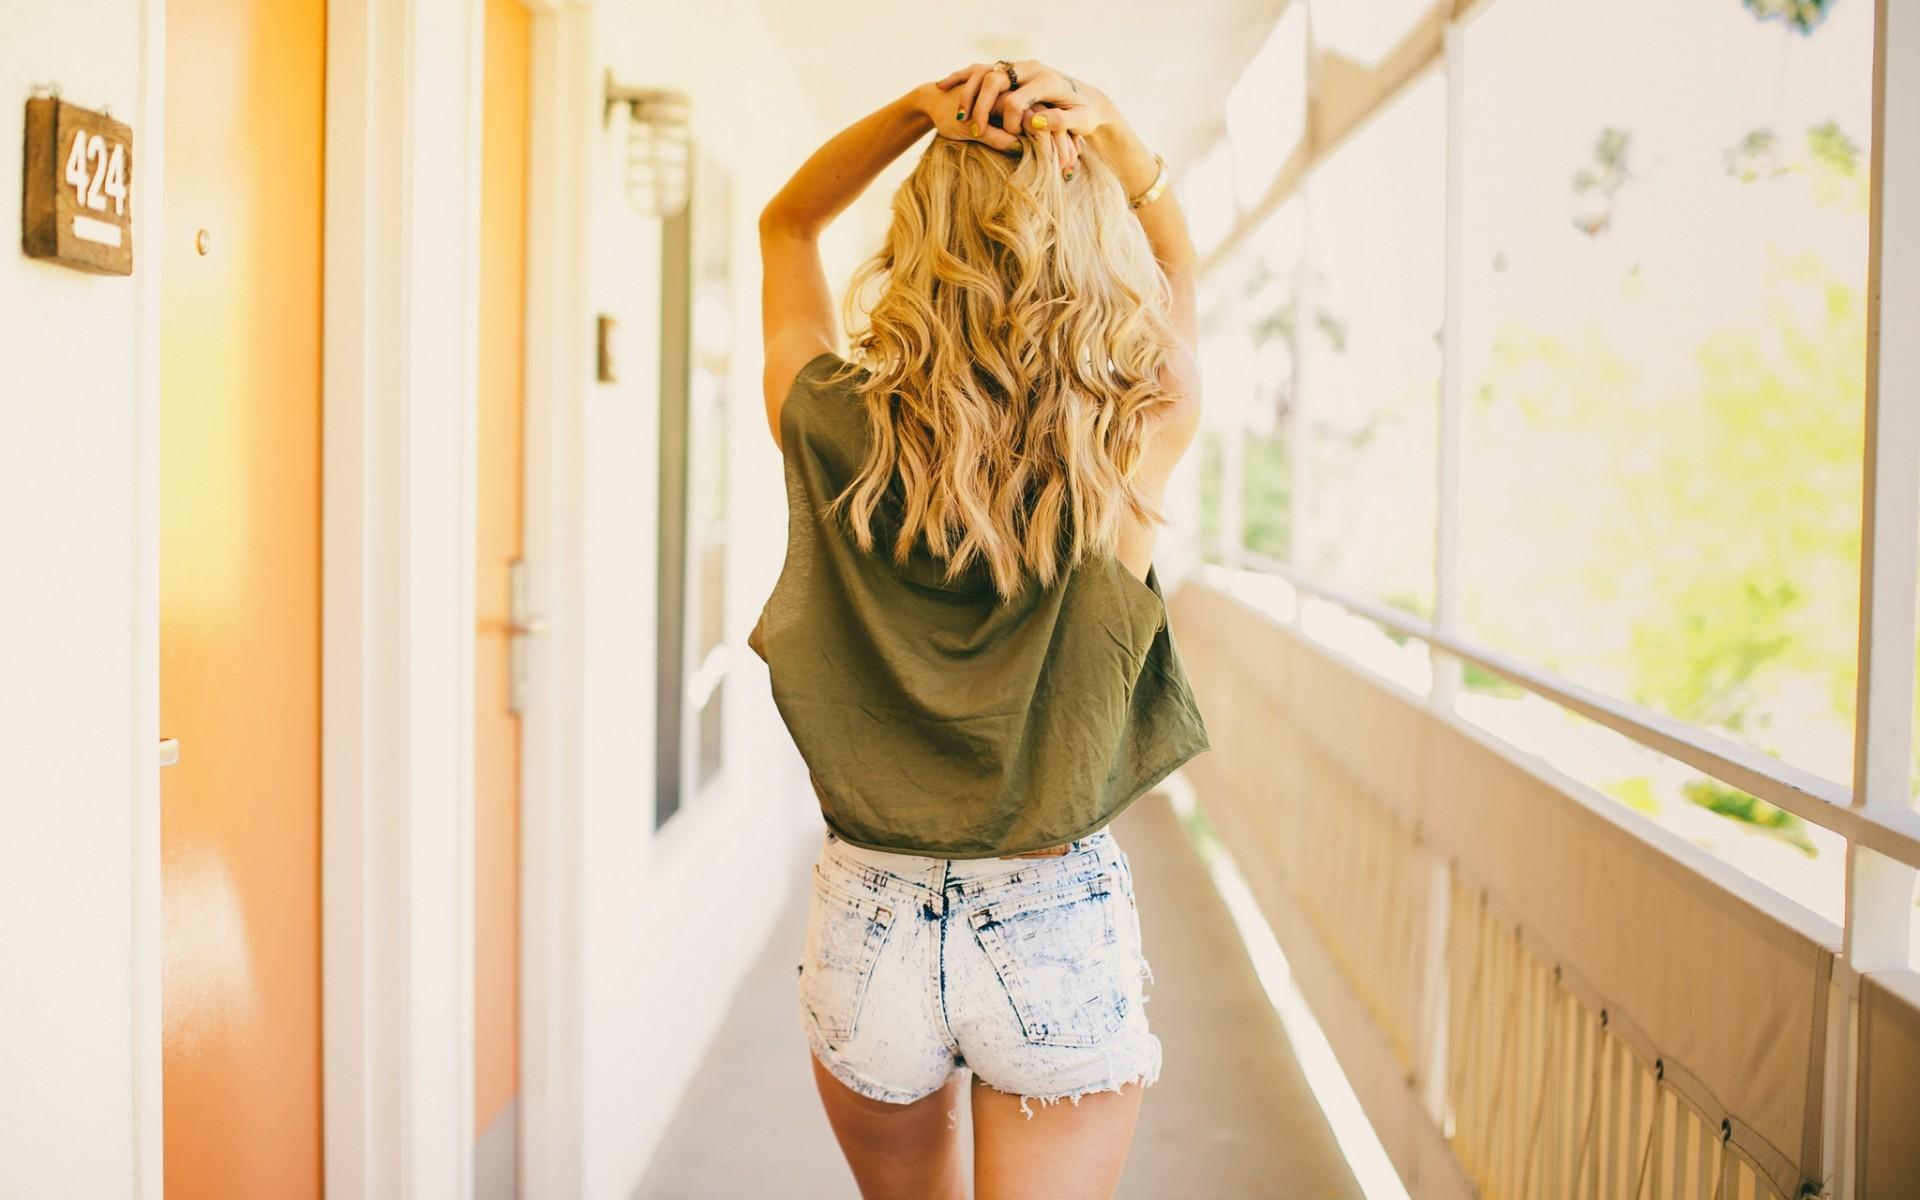 Картинки девушки блондинки без лица, прикольные июня